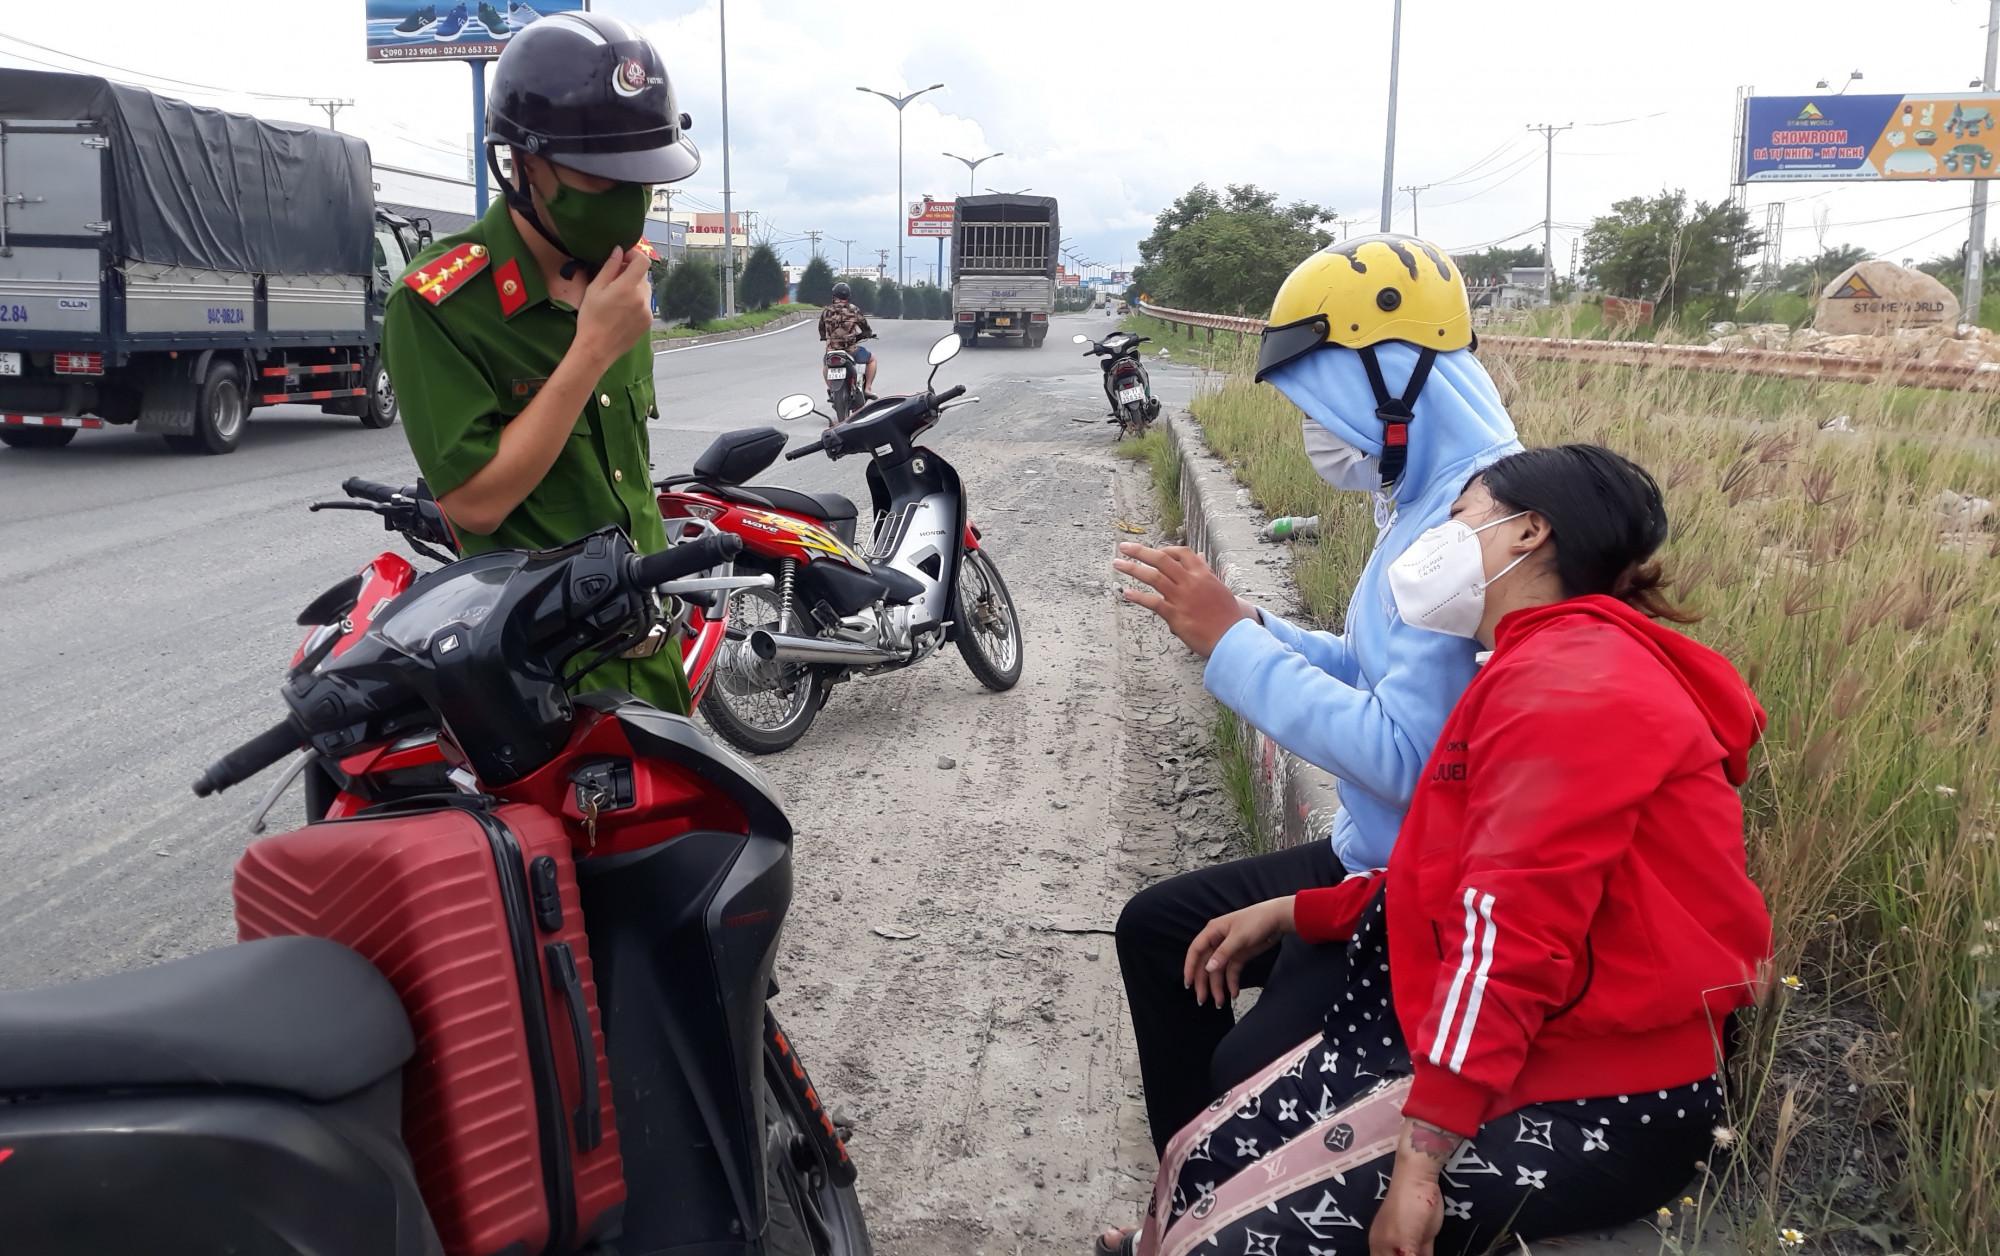 Một phụ nữ về quê Hậu Giang bị tai nạn dọc đường được lực lượng công an và phóng viên báo chí hỗ trợ để tiếp tục về quê